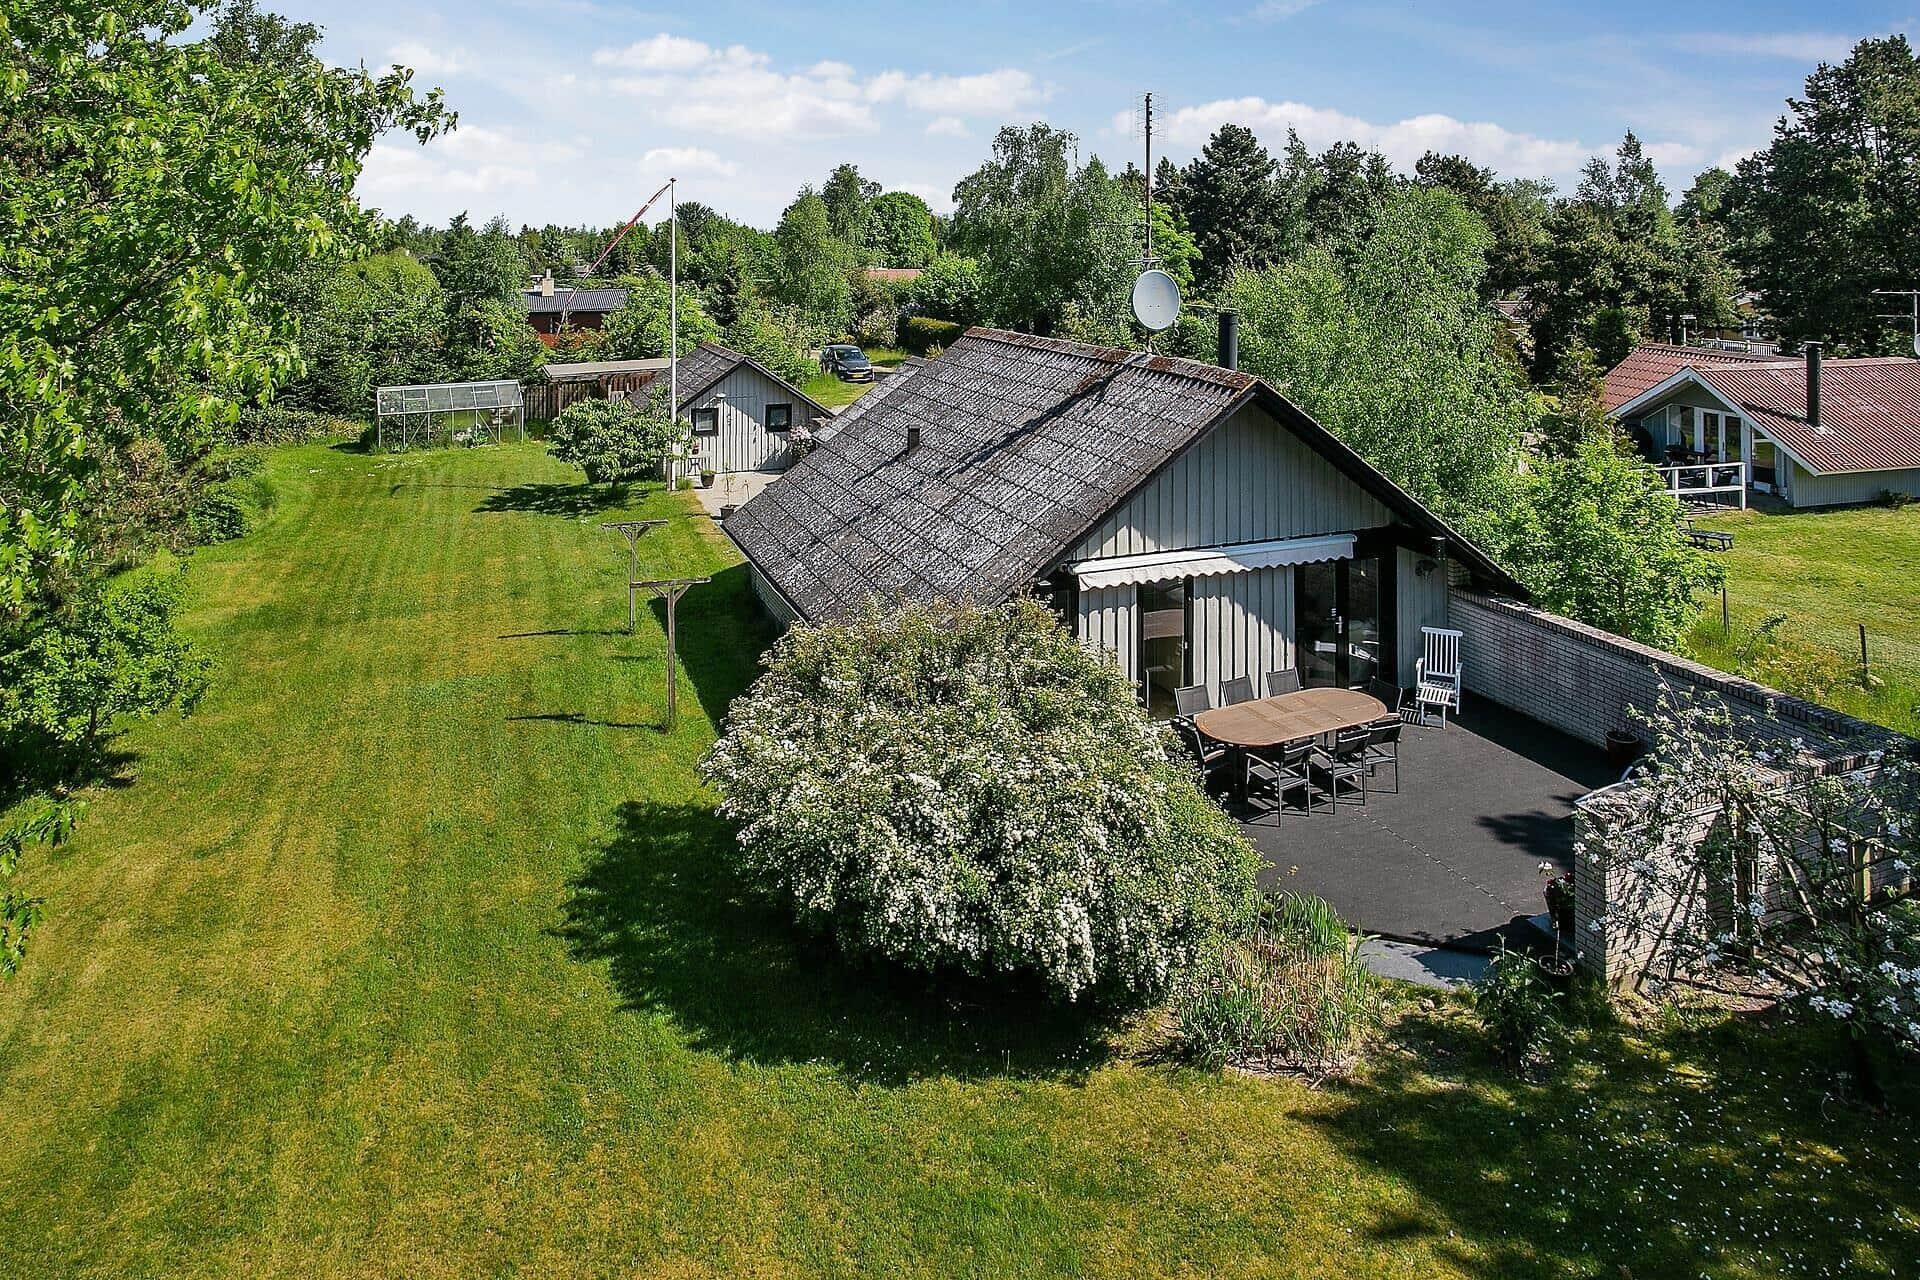 Billede 1-174 Sommerhus M15011, Mælkebøttevej 35, DK - 4873 Væggerløse